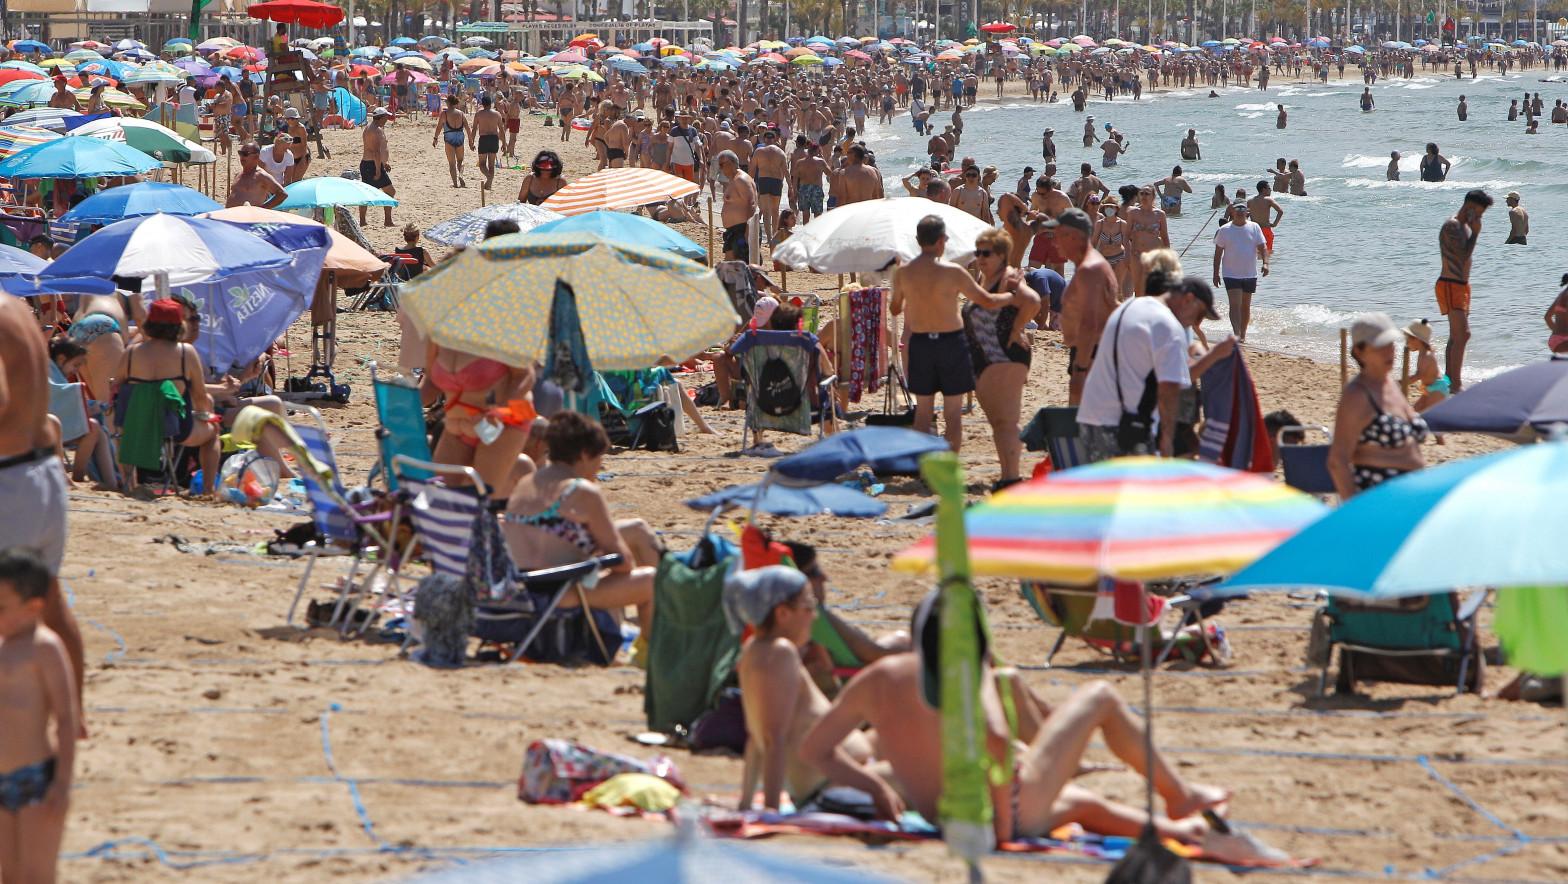 Llega el calor veraniego con temperaturas de más de 40 grados